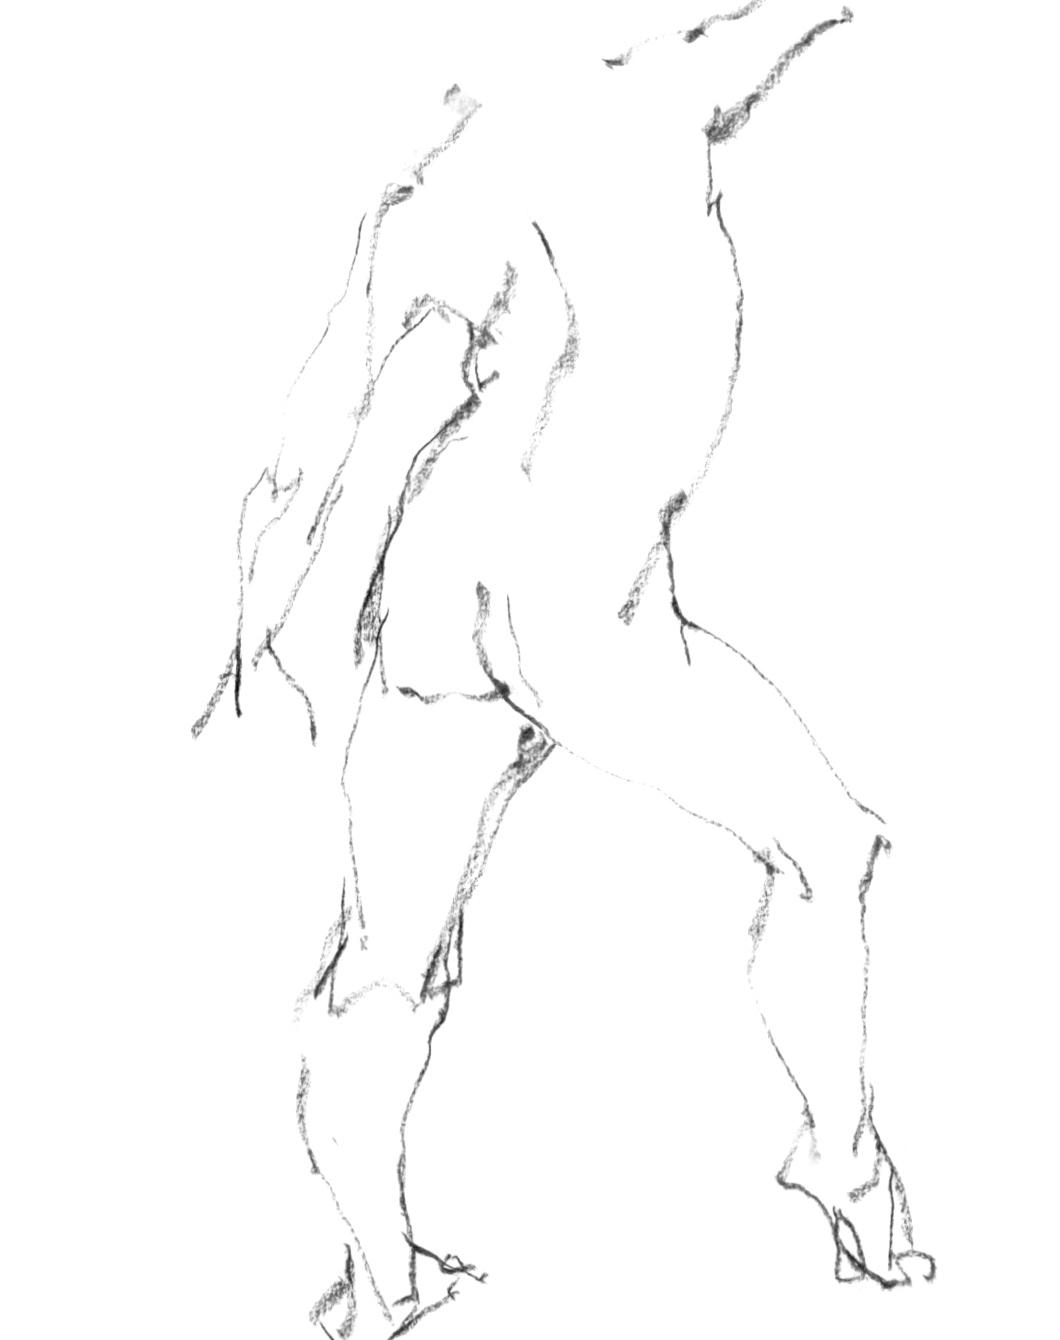 《 三月のある日の 「 裸婦クロッキー(croquis)」 5 》_f0159856_07531403.jpg